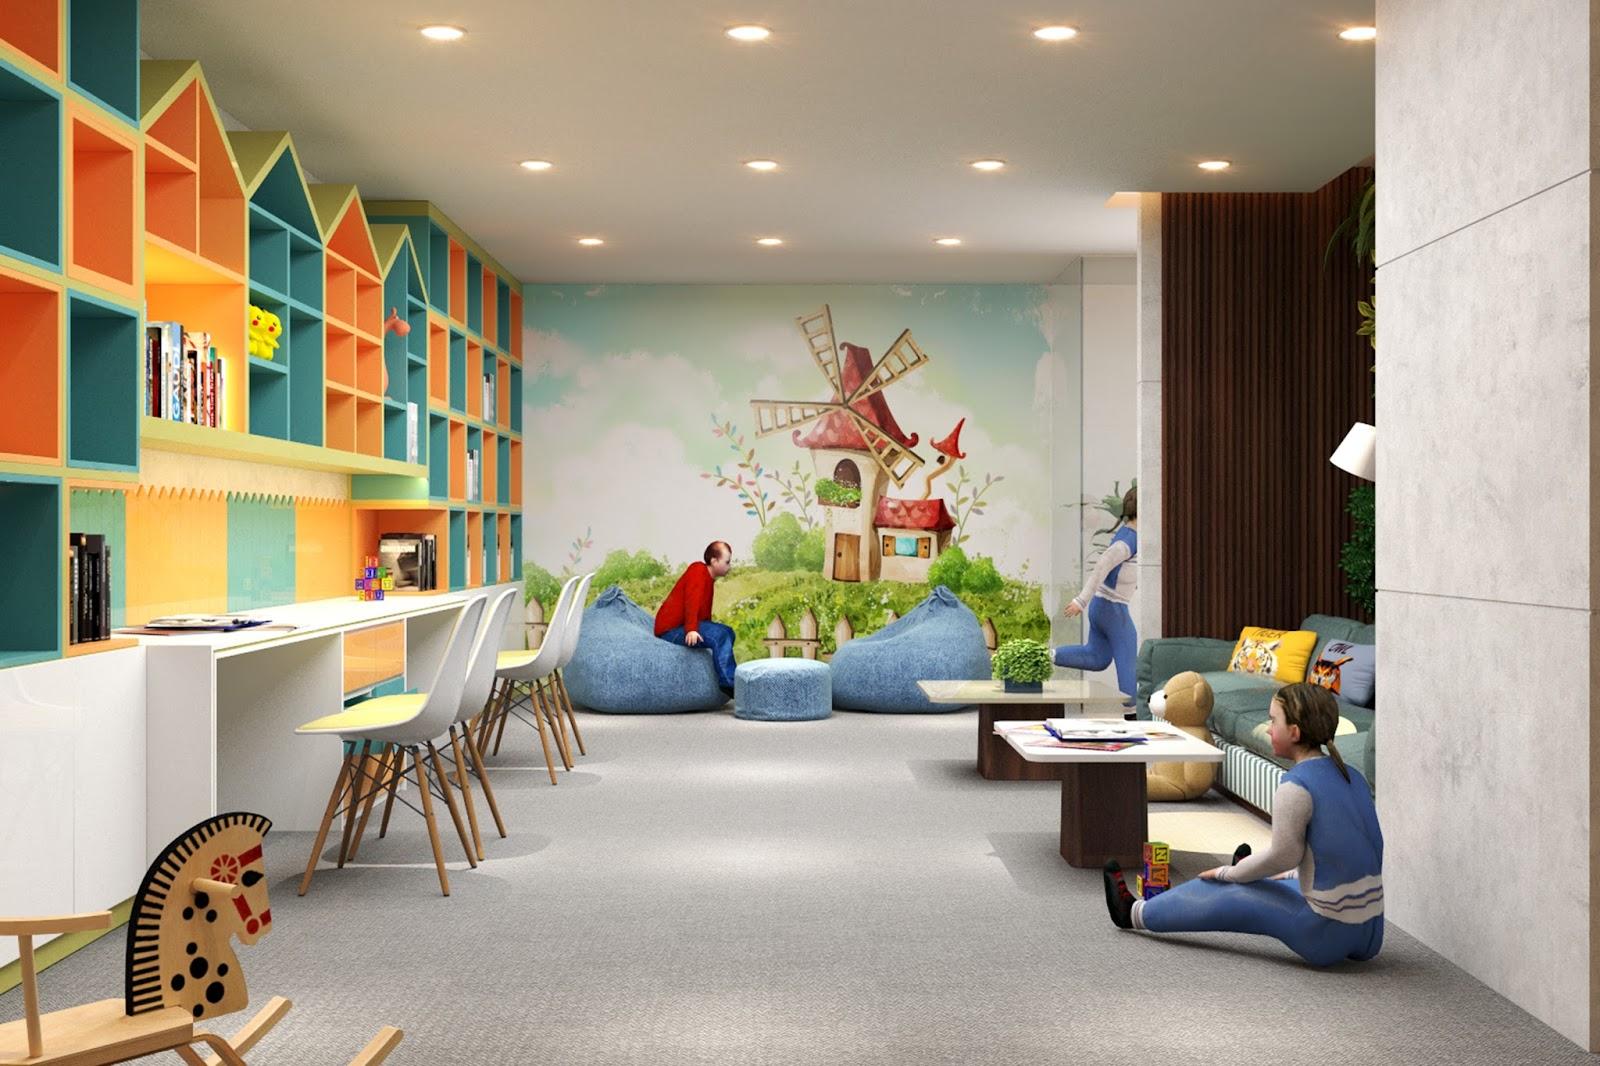 Phòng vui chơi cho trẻ